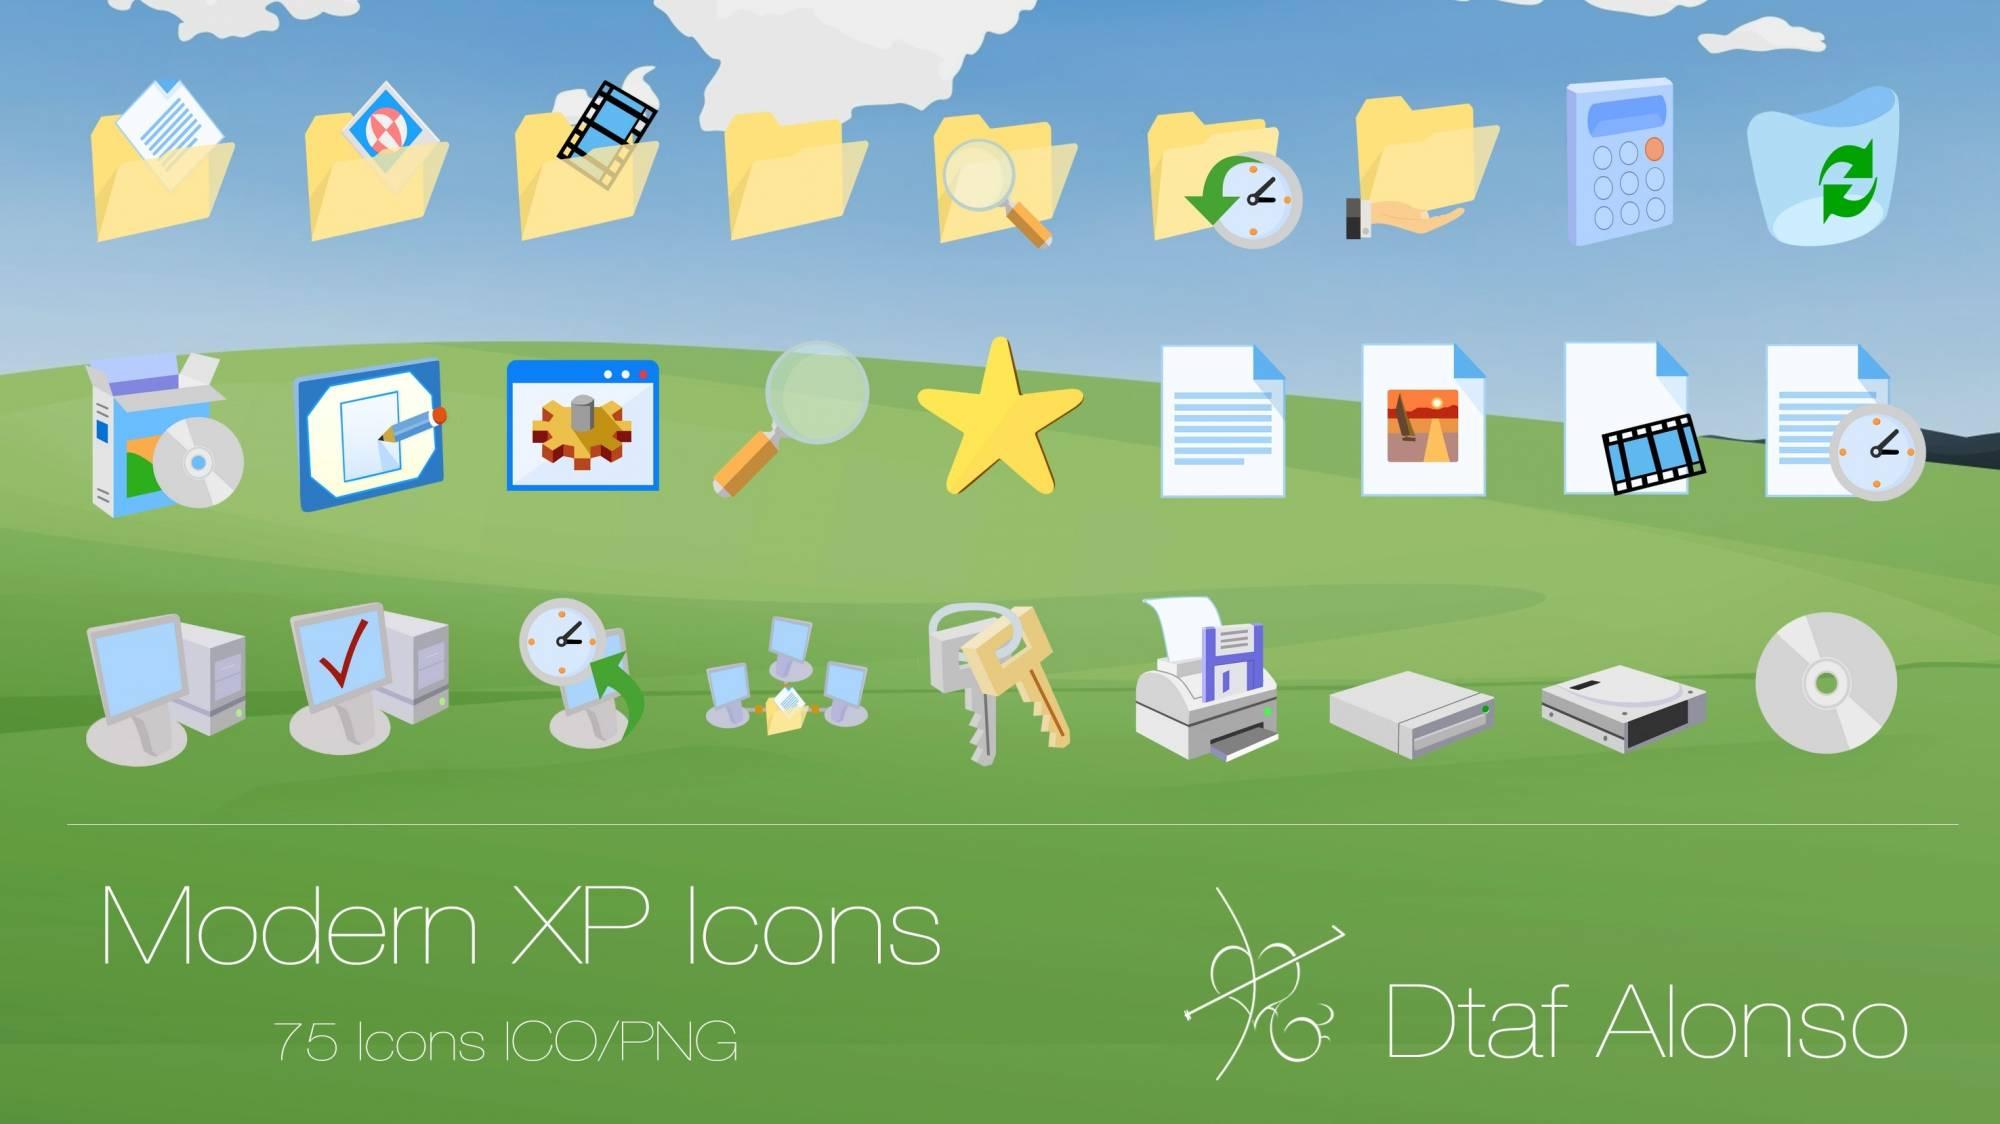 иконки скачать для xp: